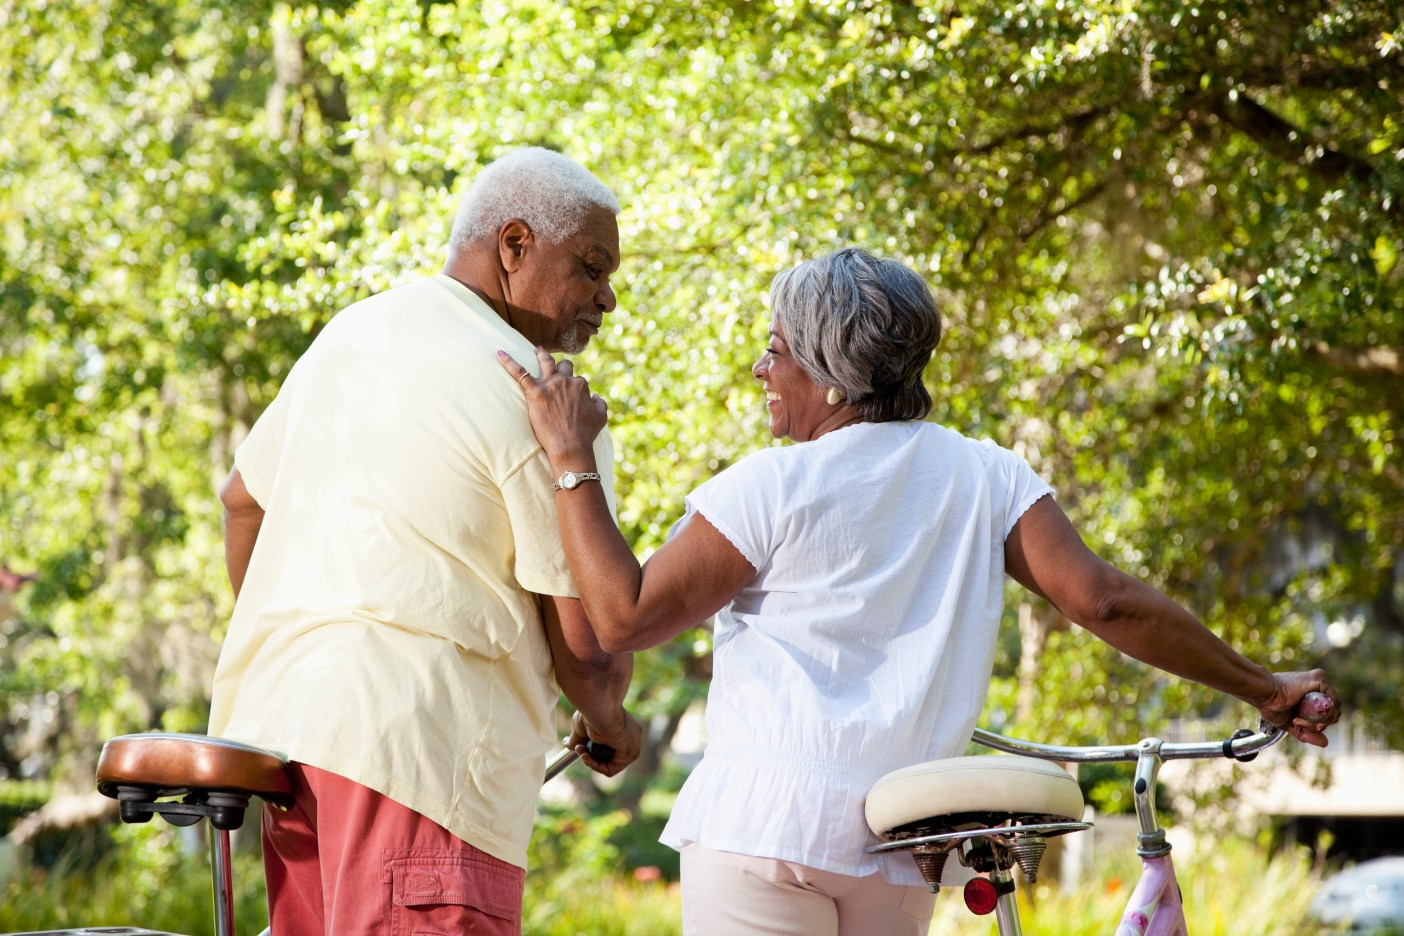 magas vérnyomás Németország magas vérnyomás és osteochondrosis felszámolása